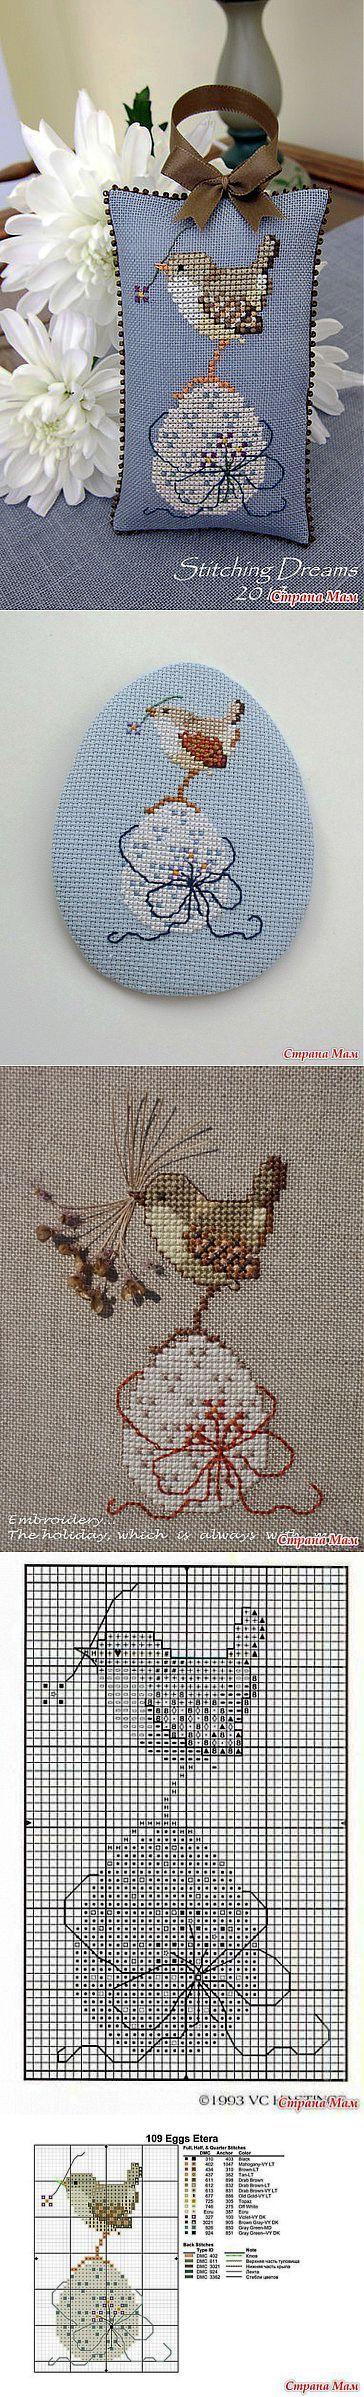 """Almohada decorativa y pinkip """"Painted Egg"""": El diario de los """"Biskornyu y otros"""" krivulki """""""" - casa las mamás"""